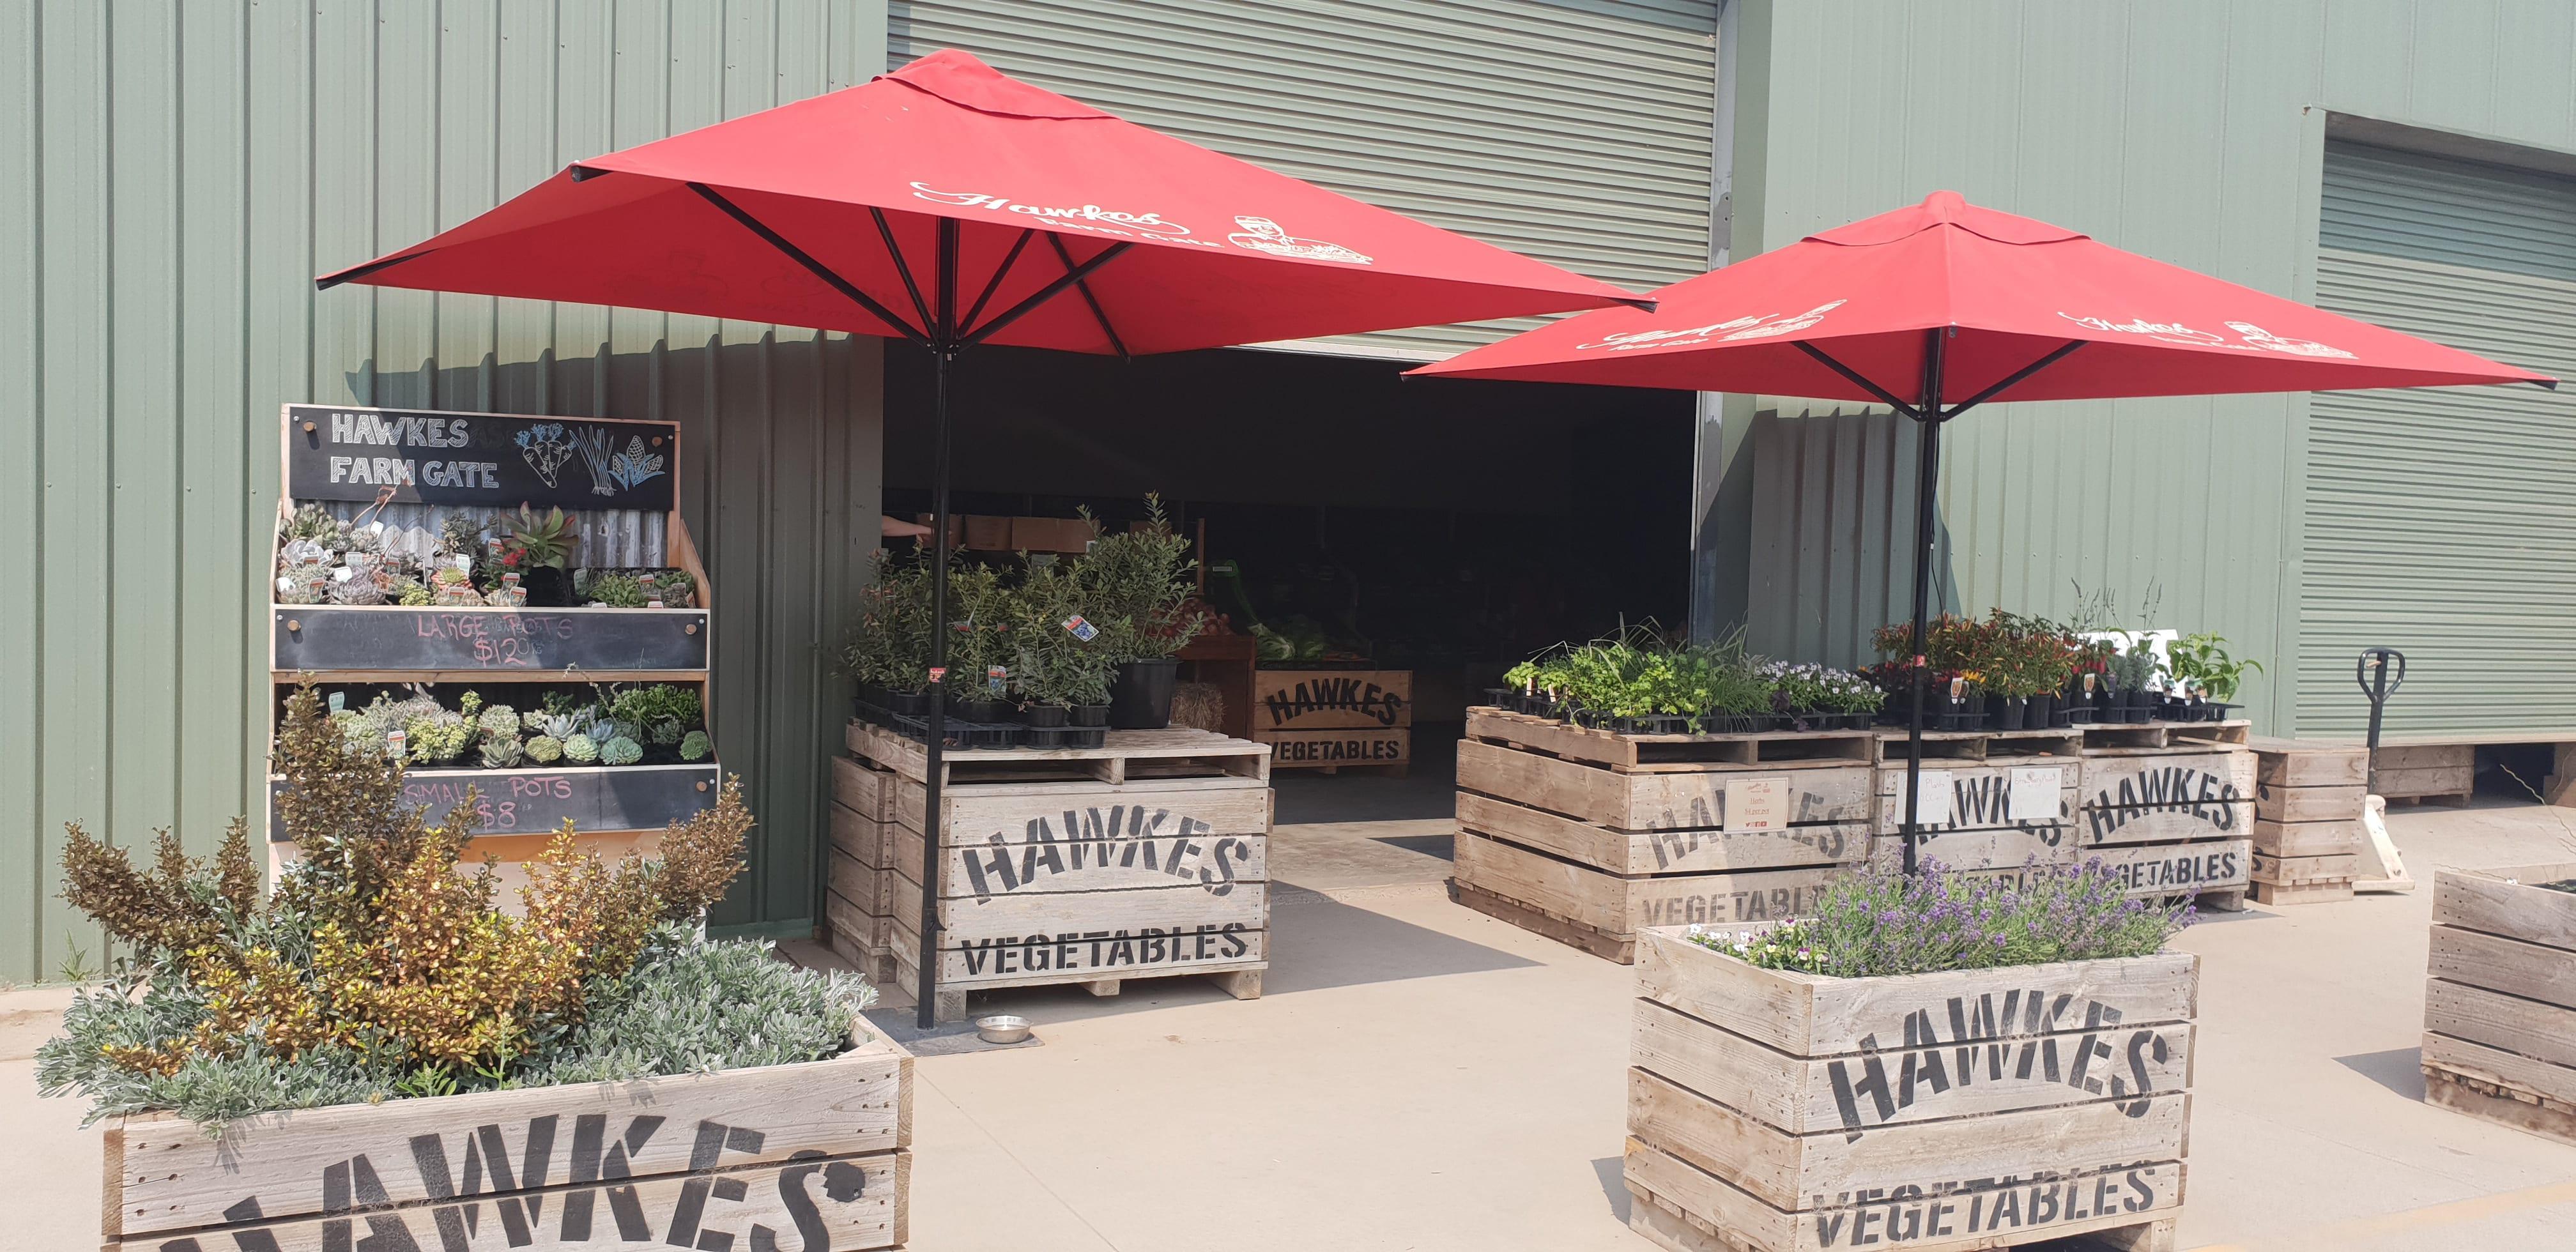 Hawkes Farm